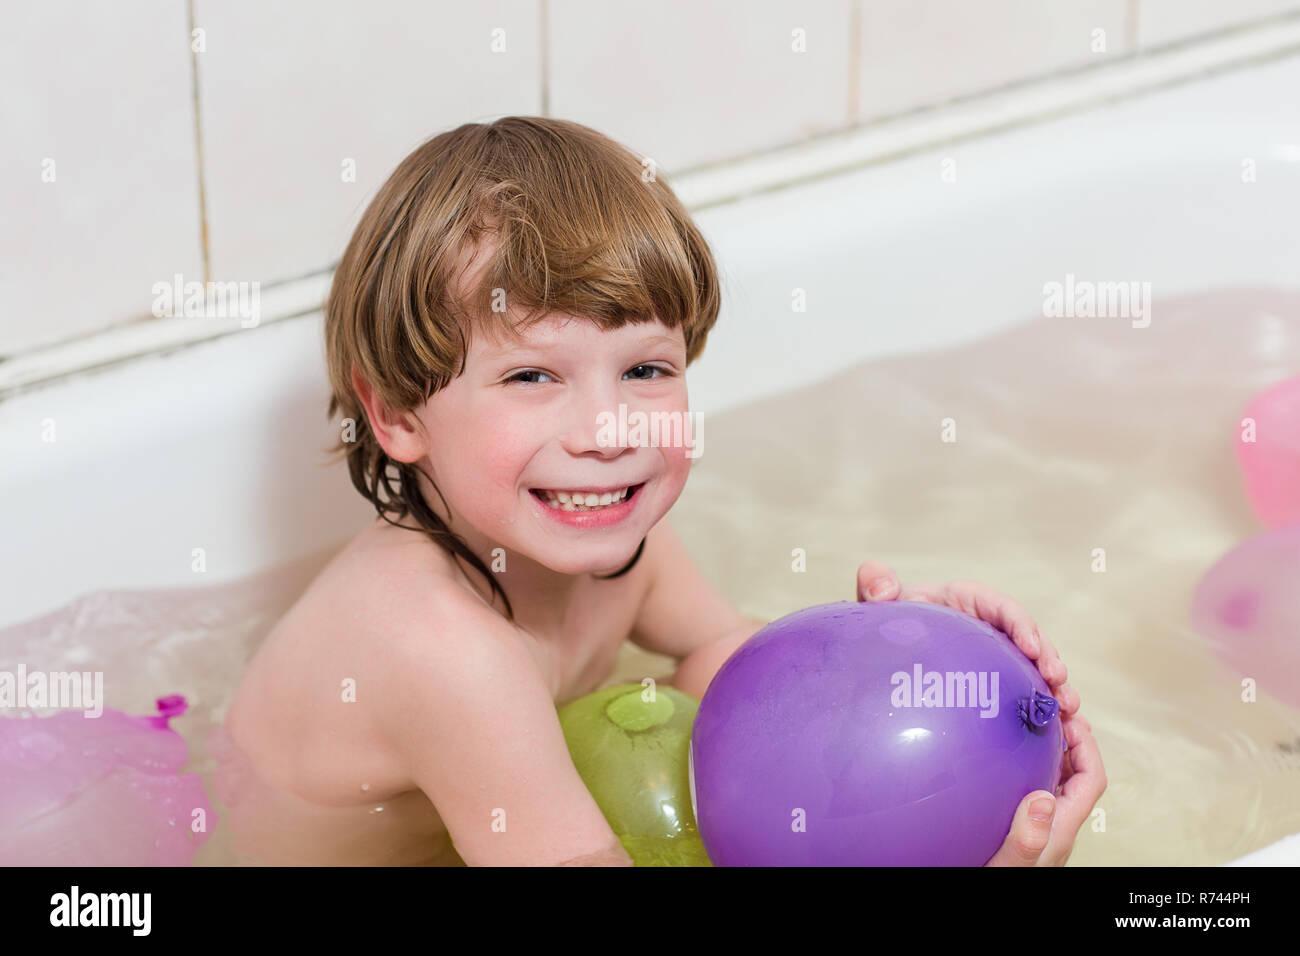 Bagno Con Un Ragazzo : Felice bambino bello ragazzo balneazioni in un bagno con